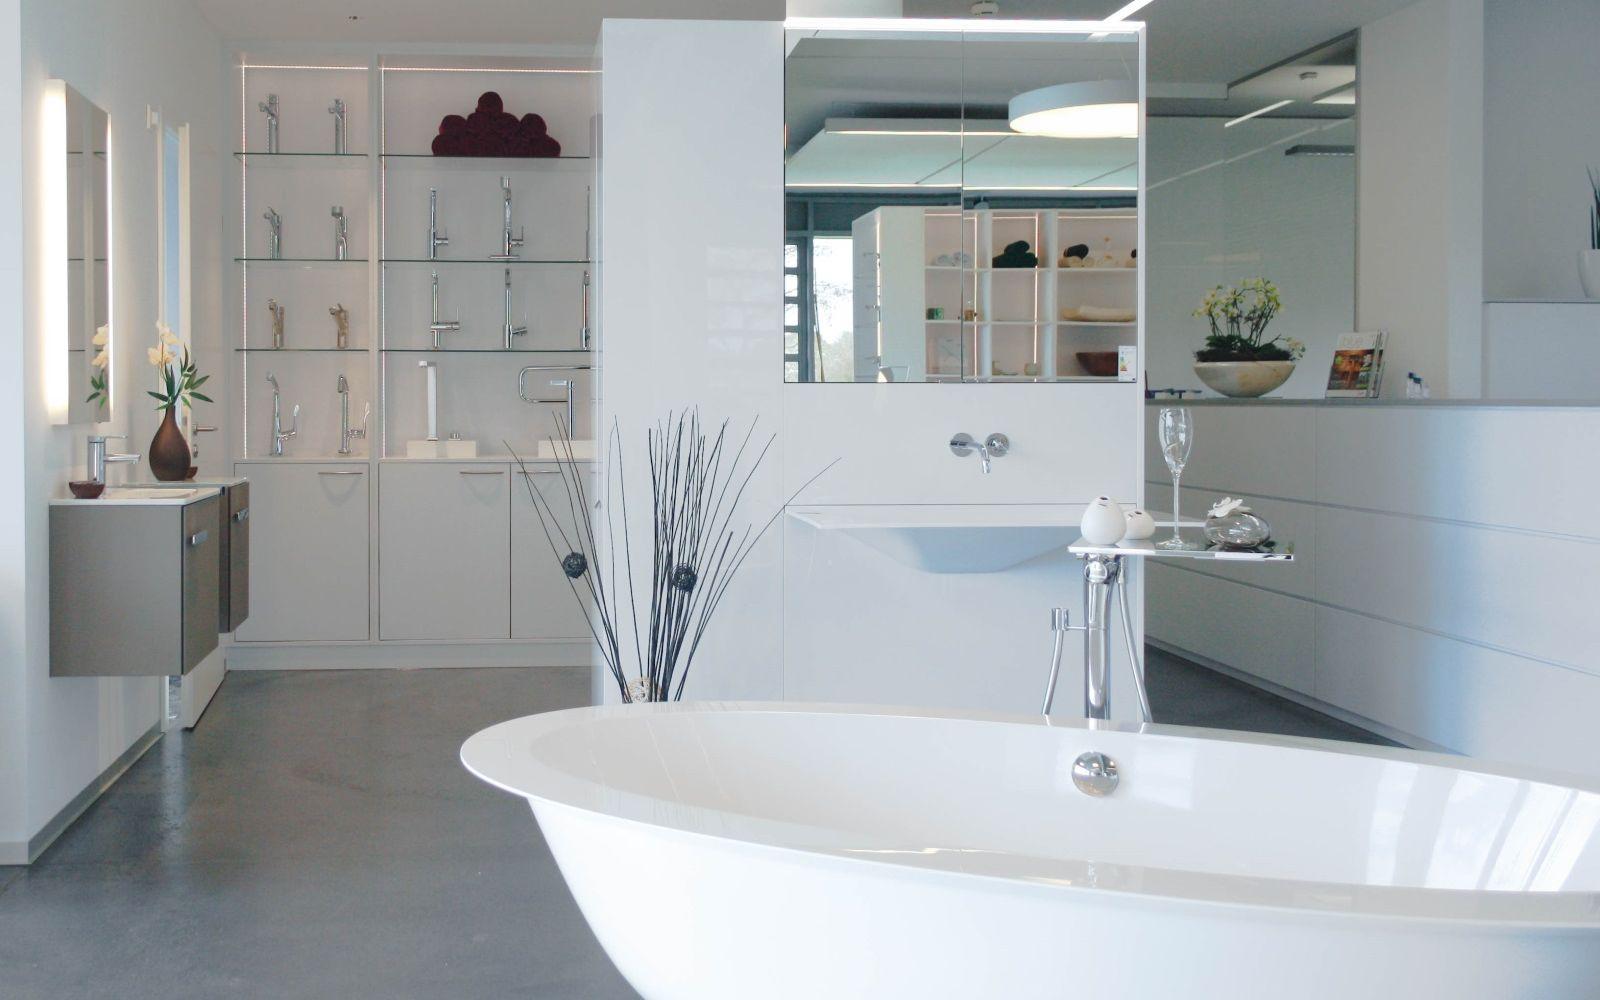 ausstellung issler grenzach wyhlen bei basel landkreis l rrach badrenovierung. Black Bedroom Furniture Sets. Home Design Ideas